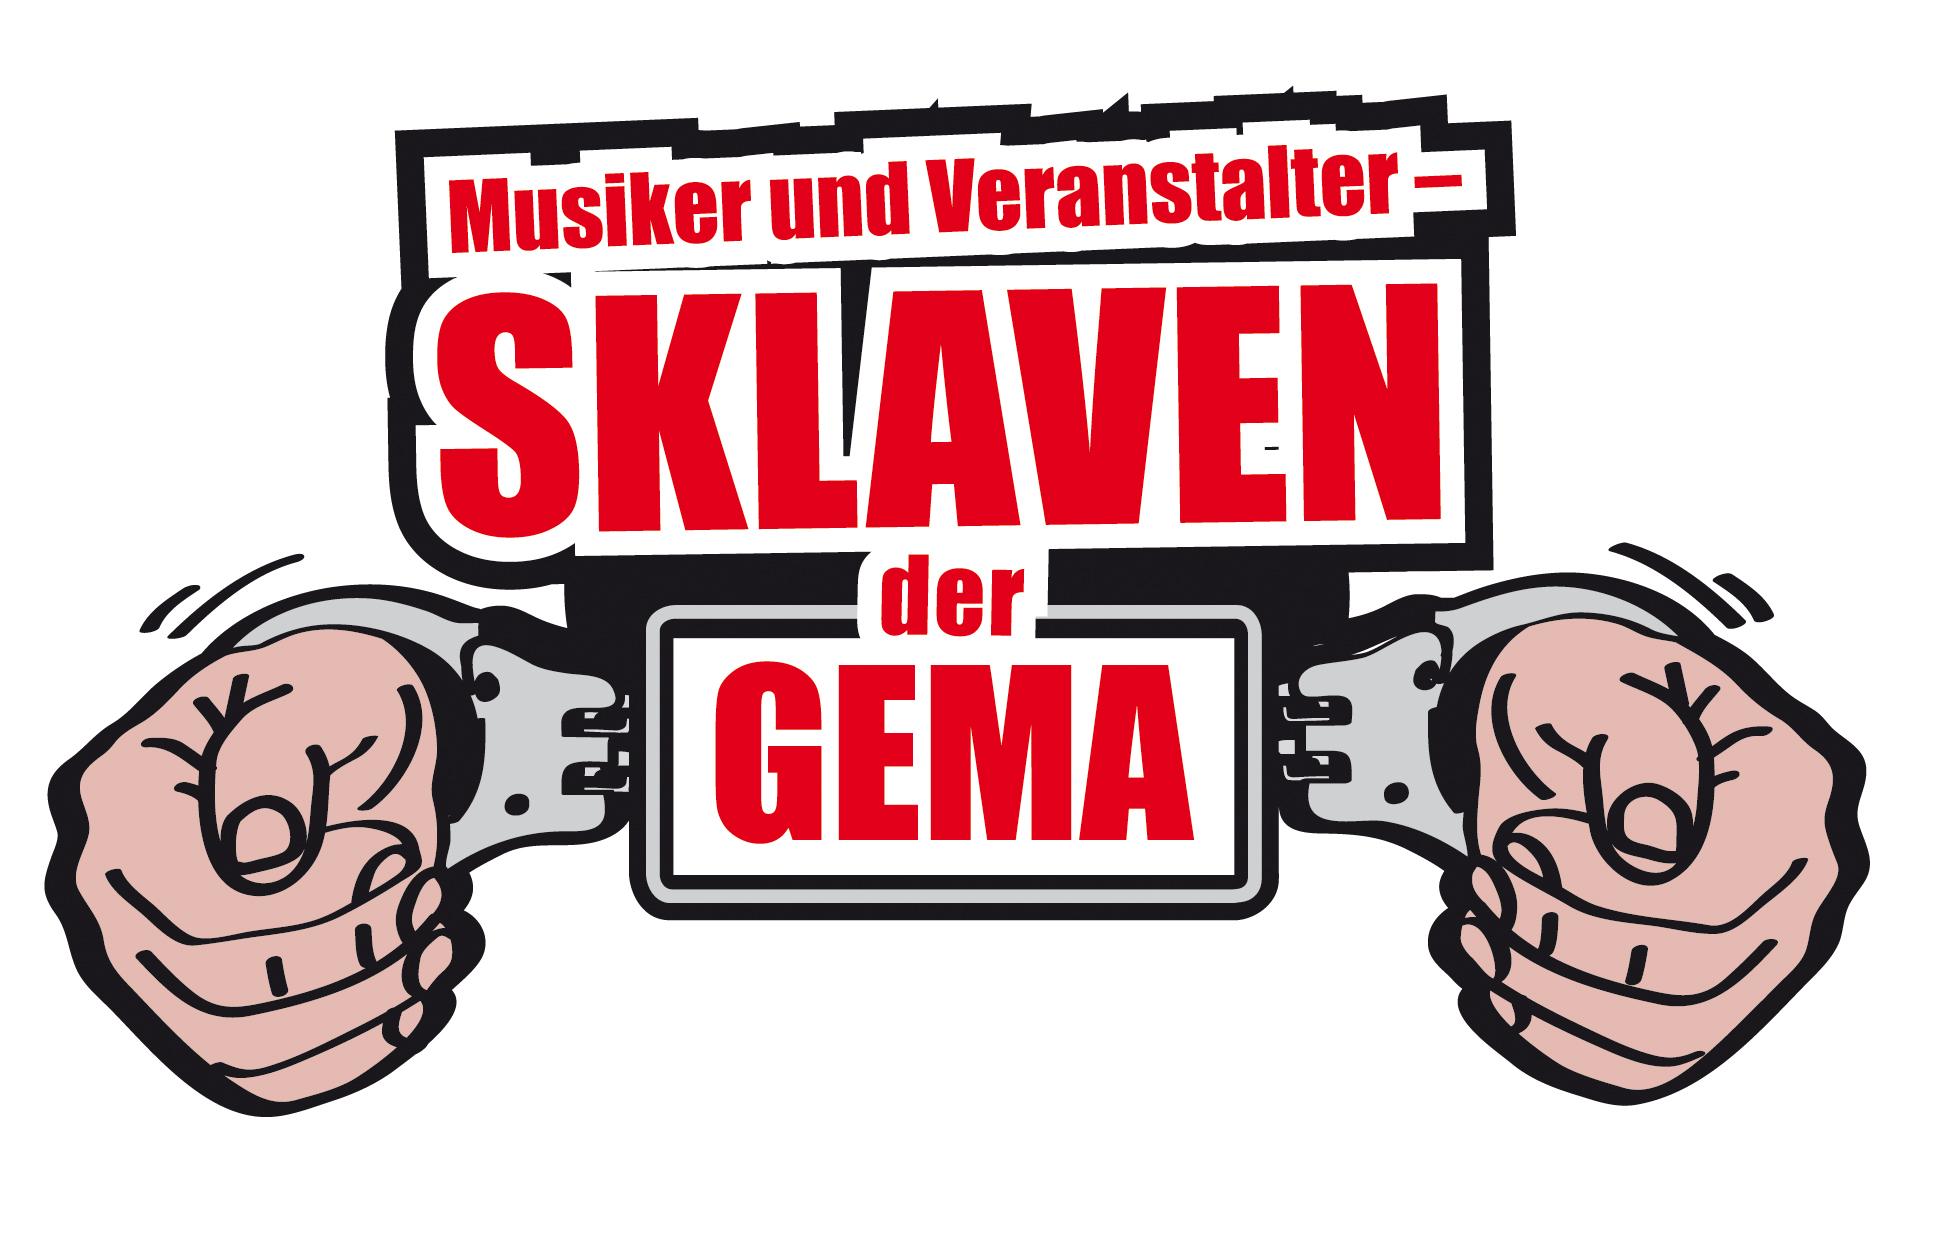 sklaven_der_gema_1.jpg